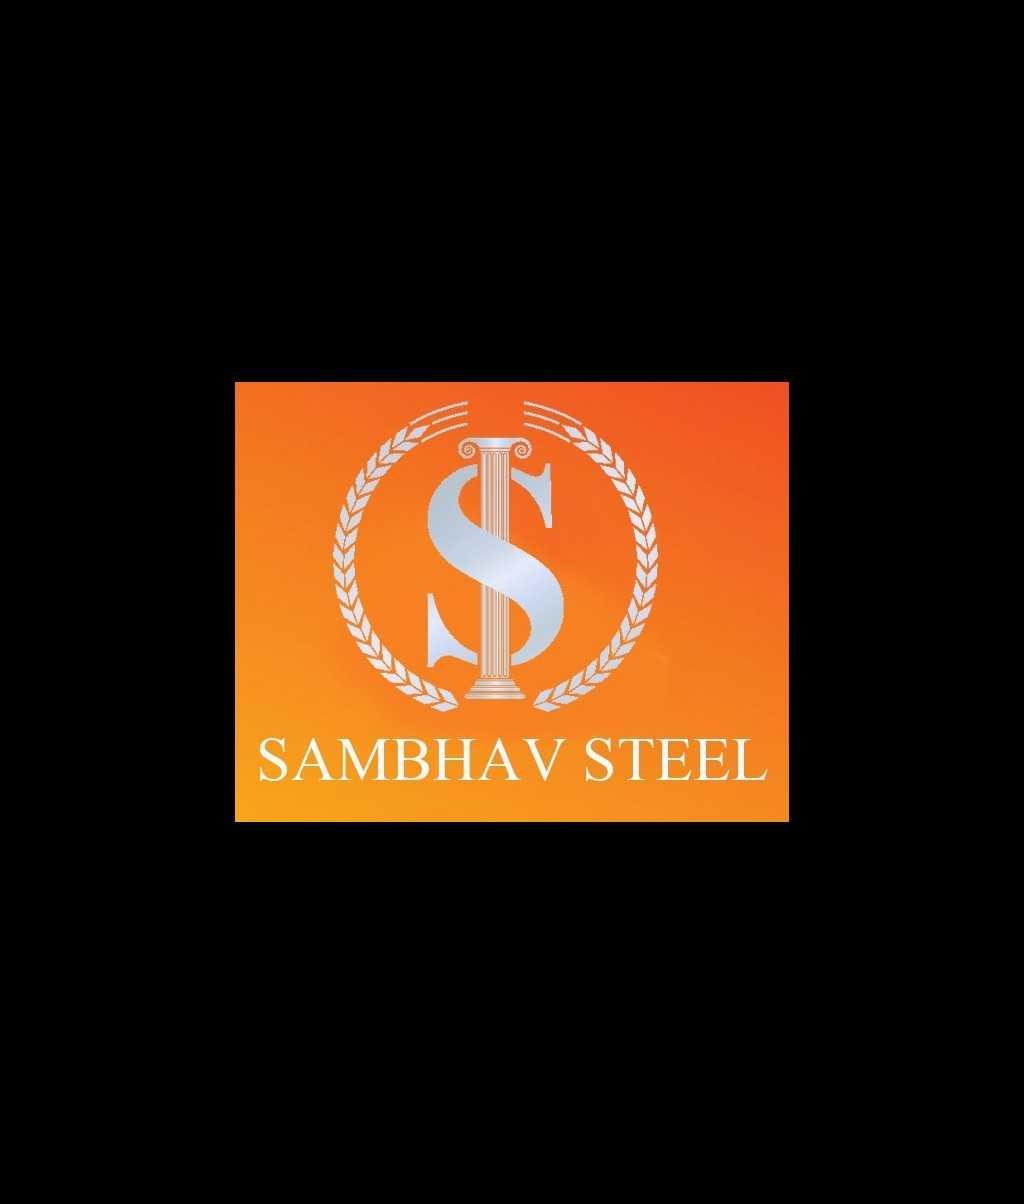 SAMBHAV STEEL